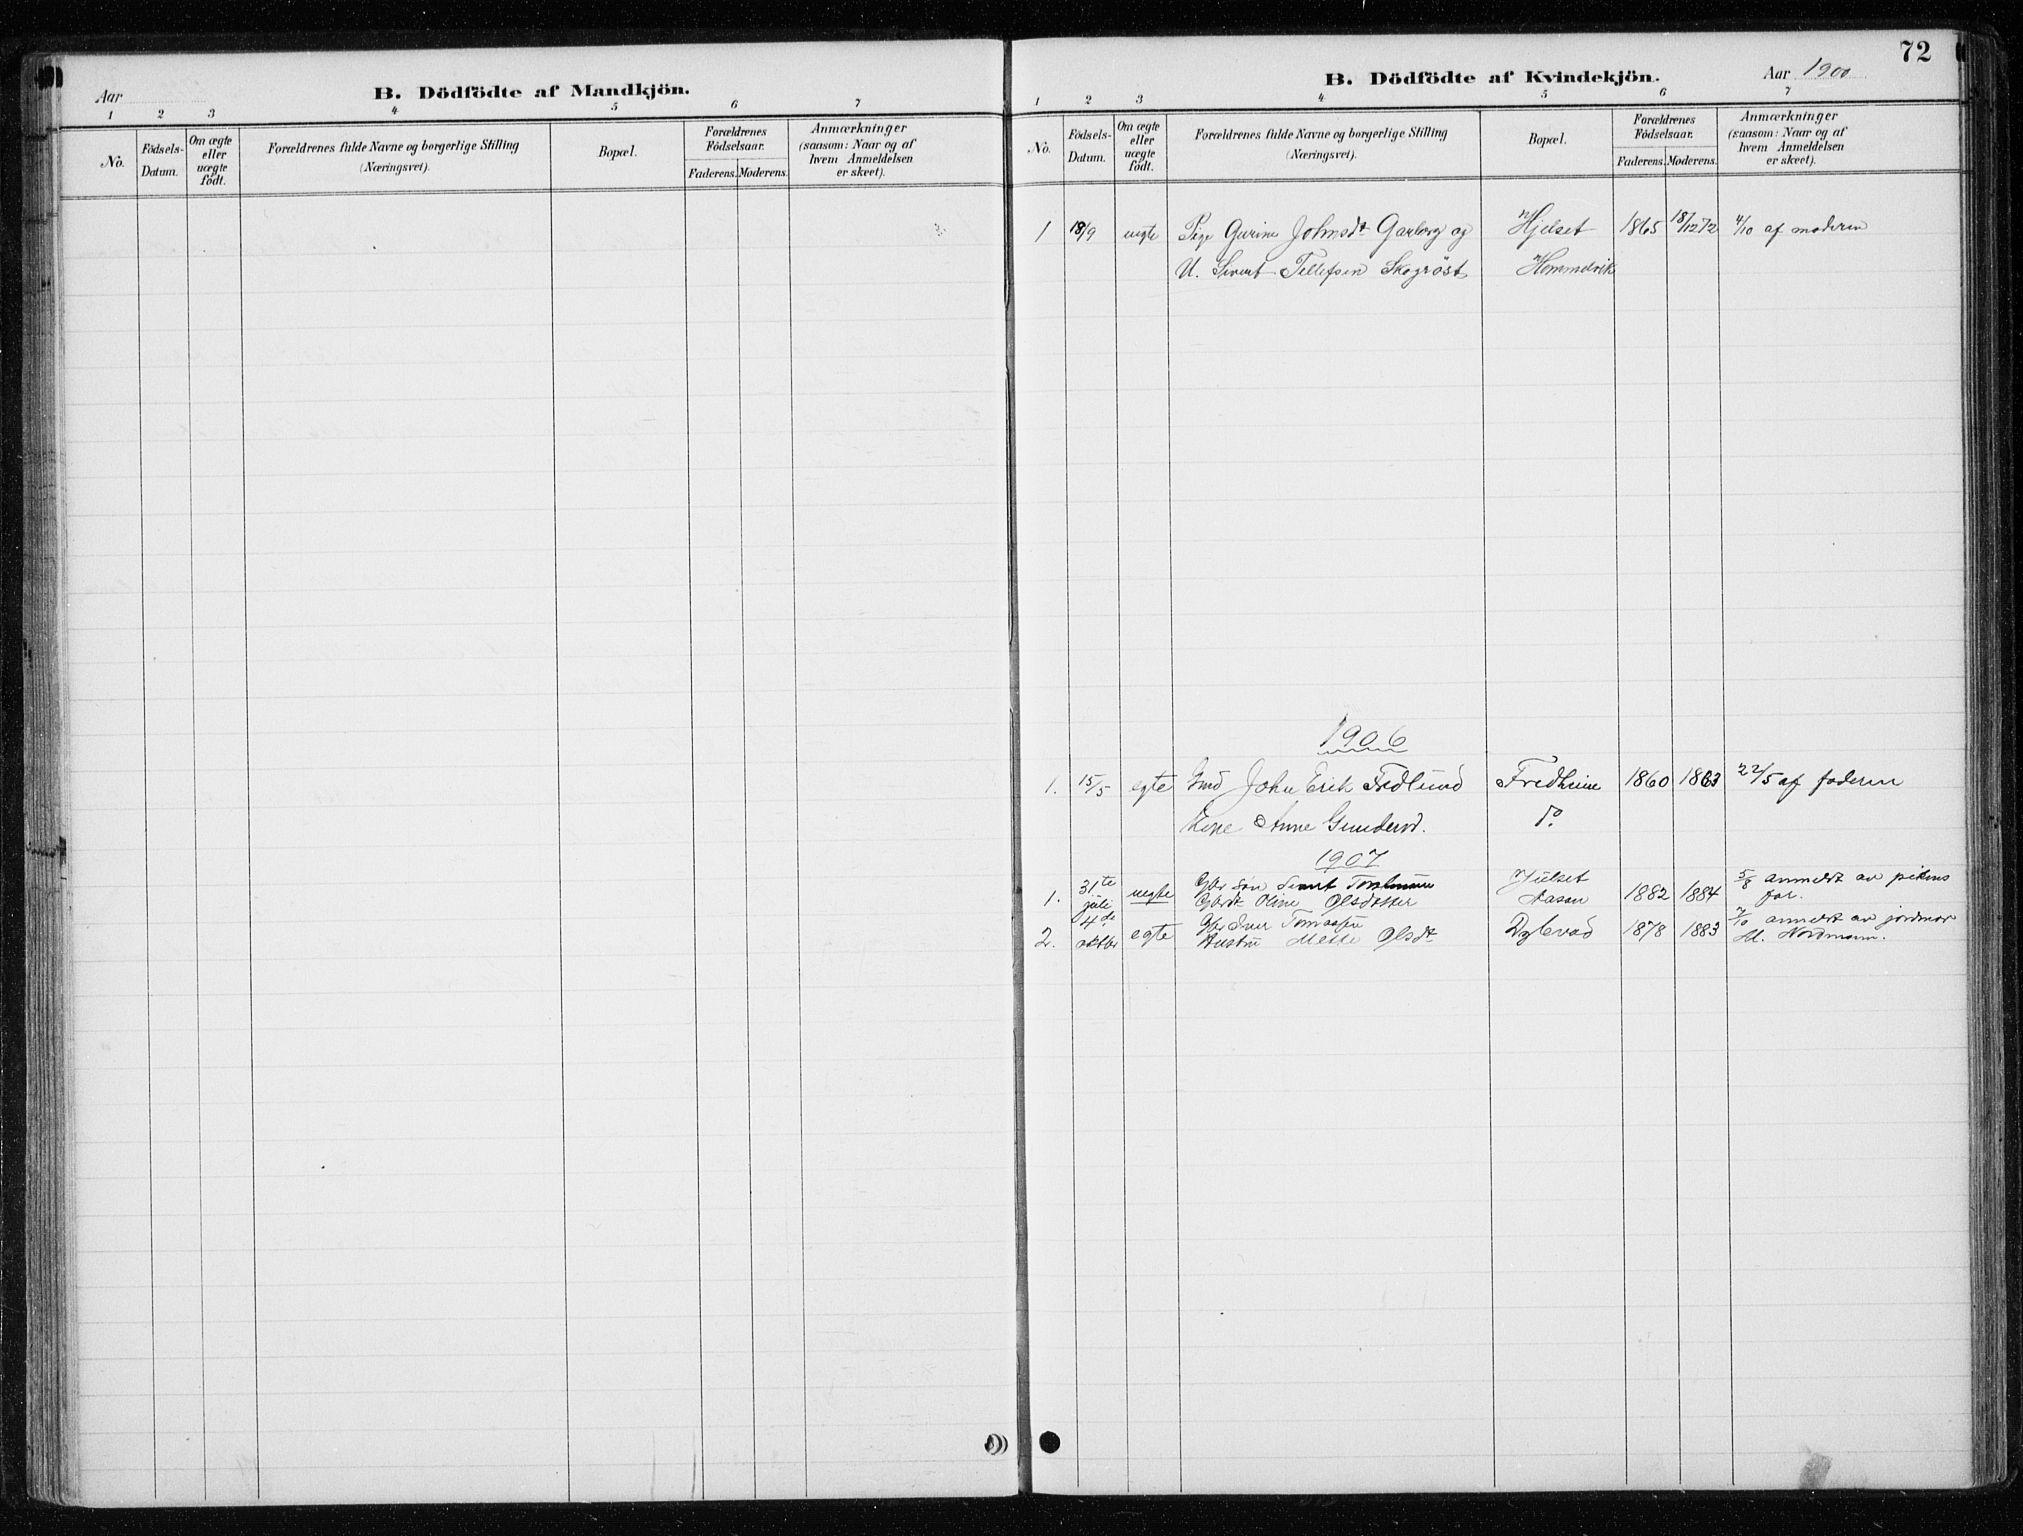 SAT, Ministerialprotokoller, klokkerbøker og fødselsregistre - Nord-Trøndelag, 710/L0096: Klokkerbok nr. 710C01, 1892-1925, s. 72